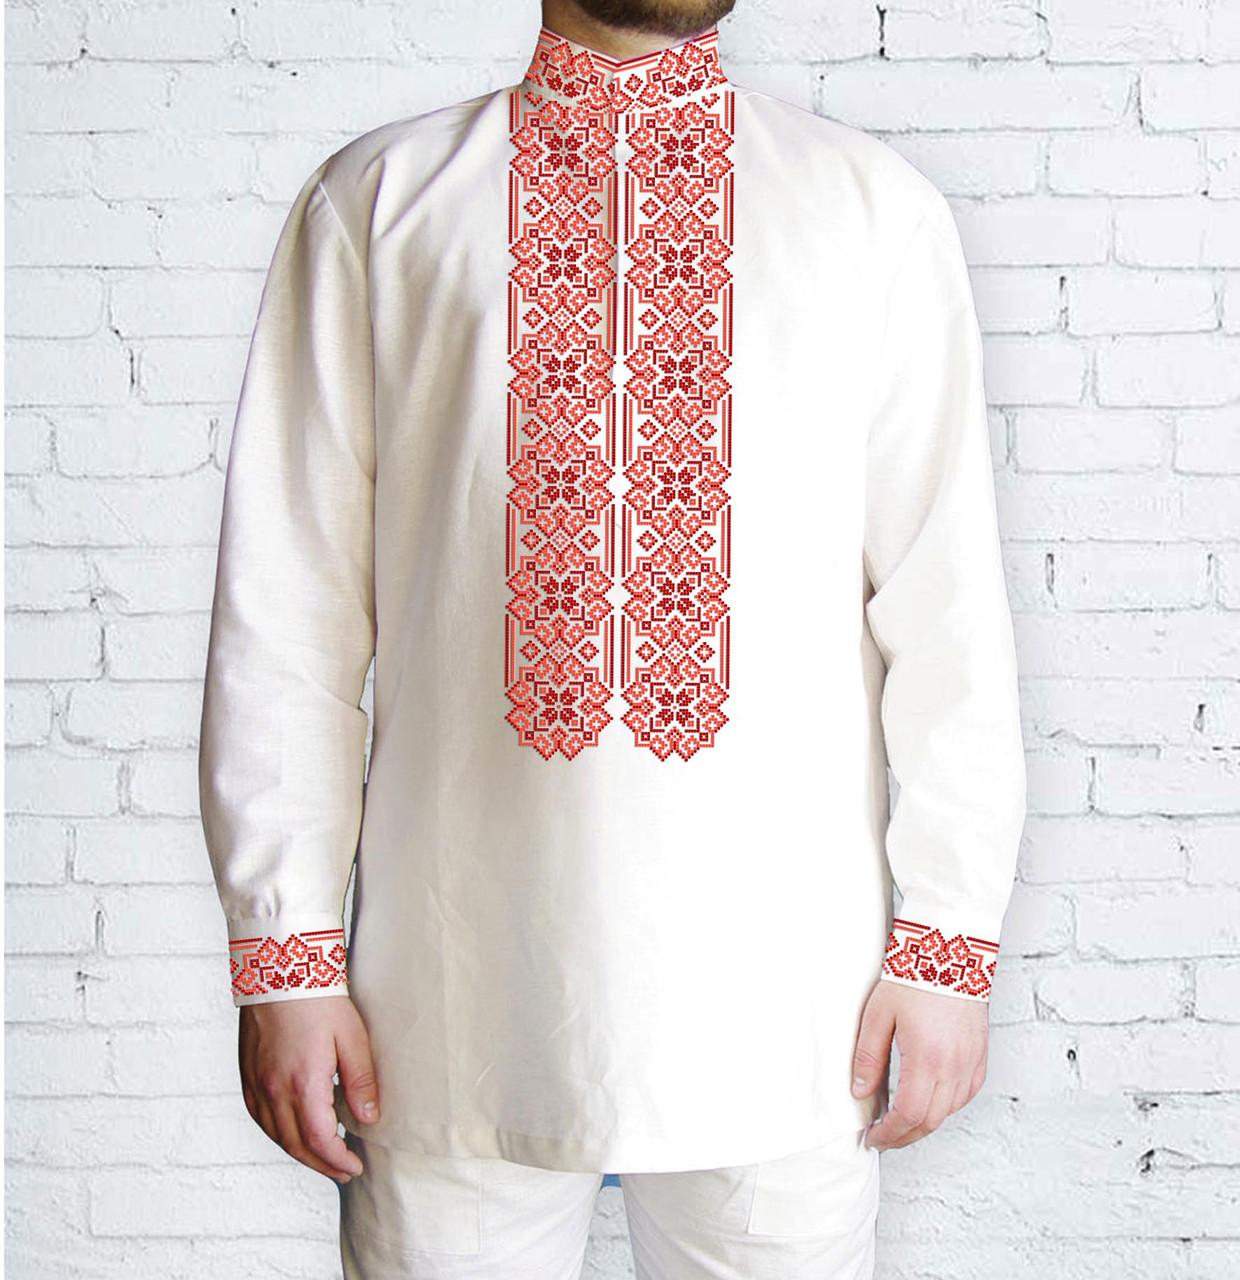 Заготовка чоловічої сорочки та вишиванки для вишивки чи вишивання бісером Бисерок «Орнамент 531 Ч» (Ч-531 Ч  )